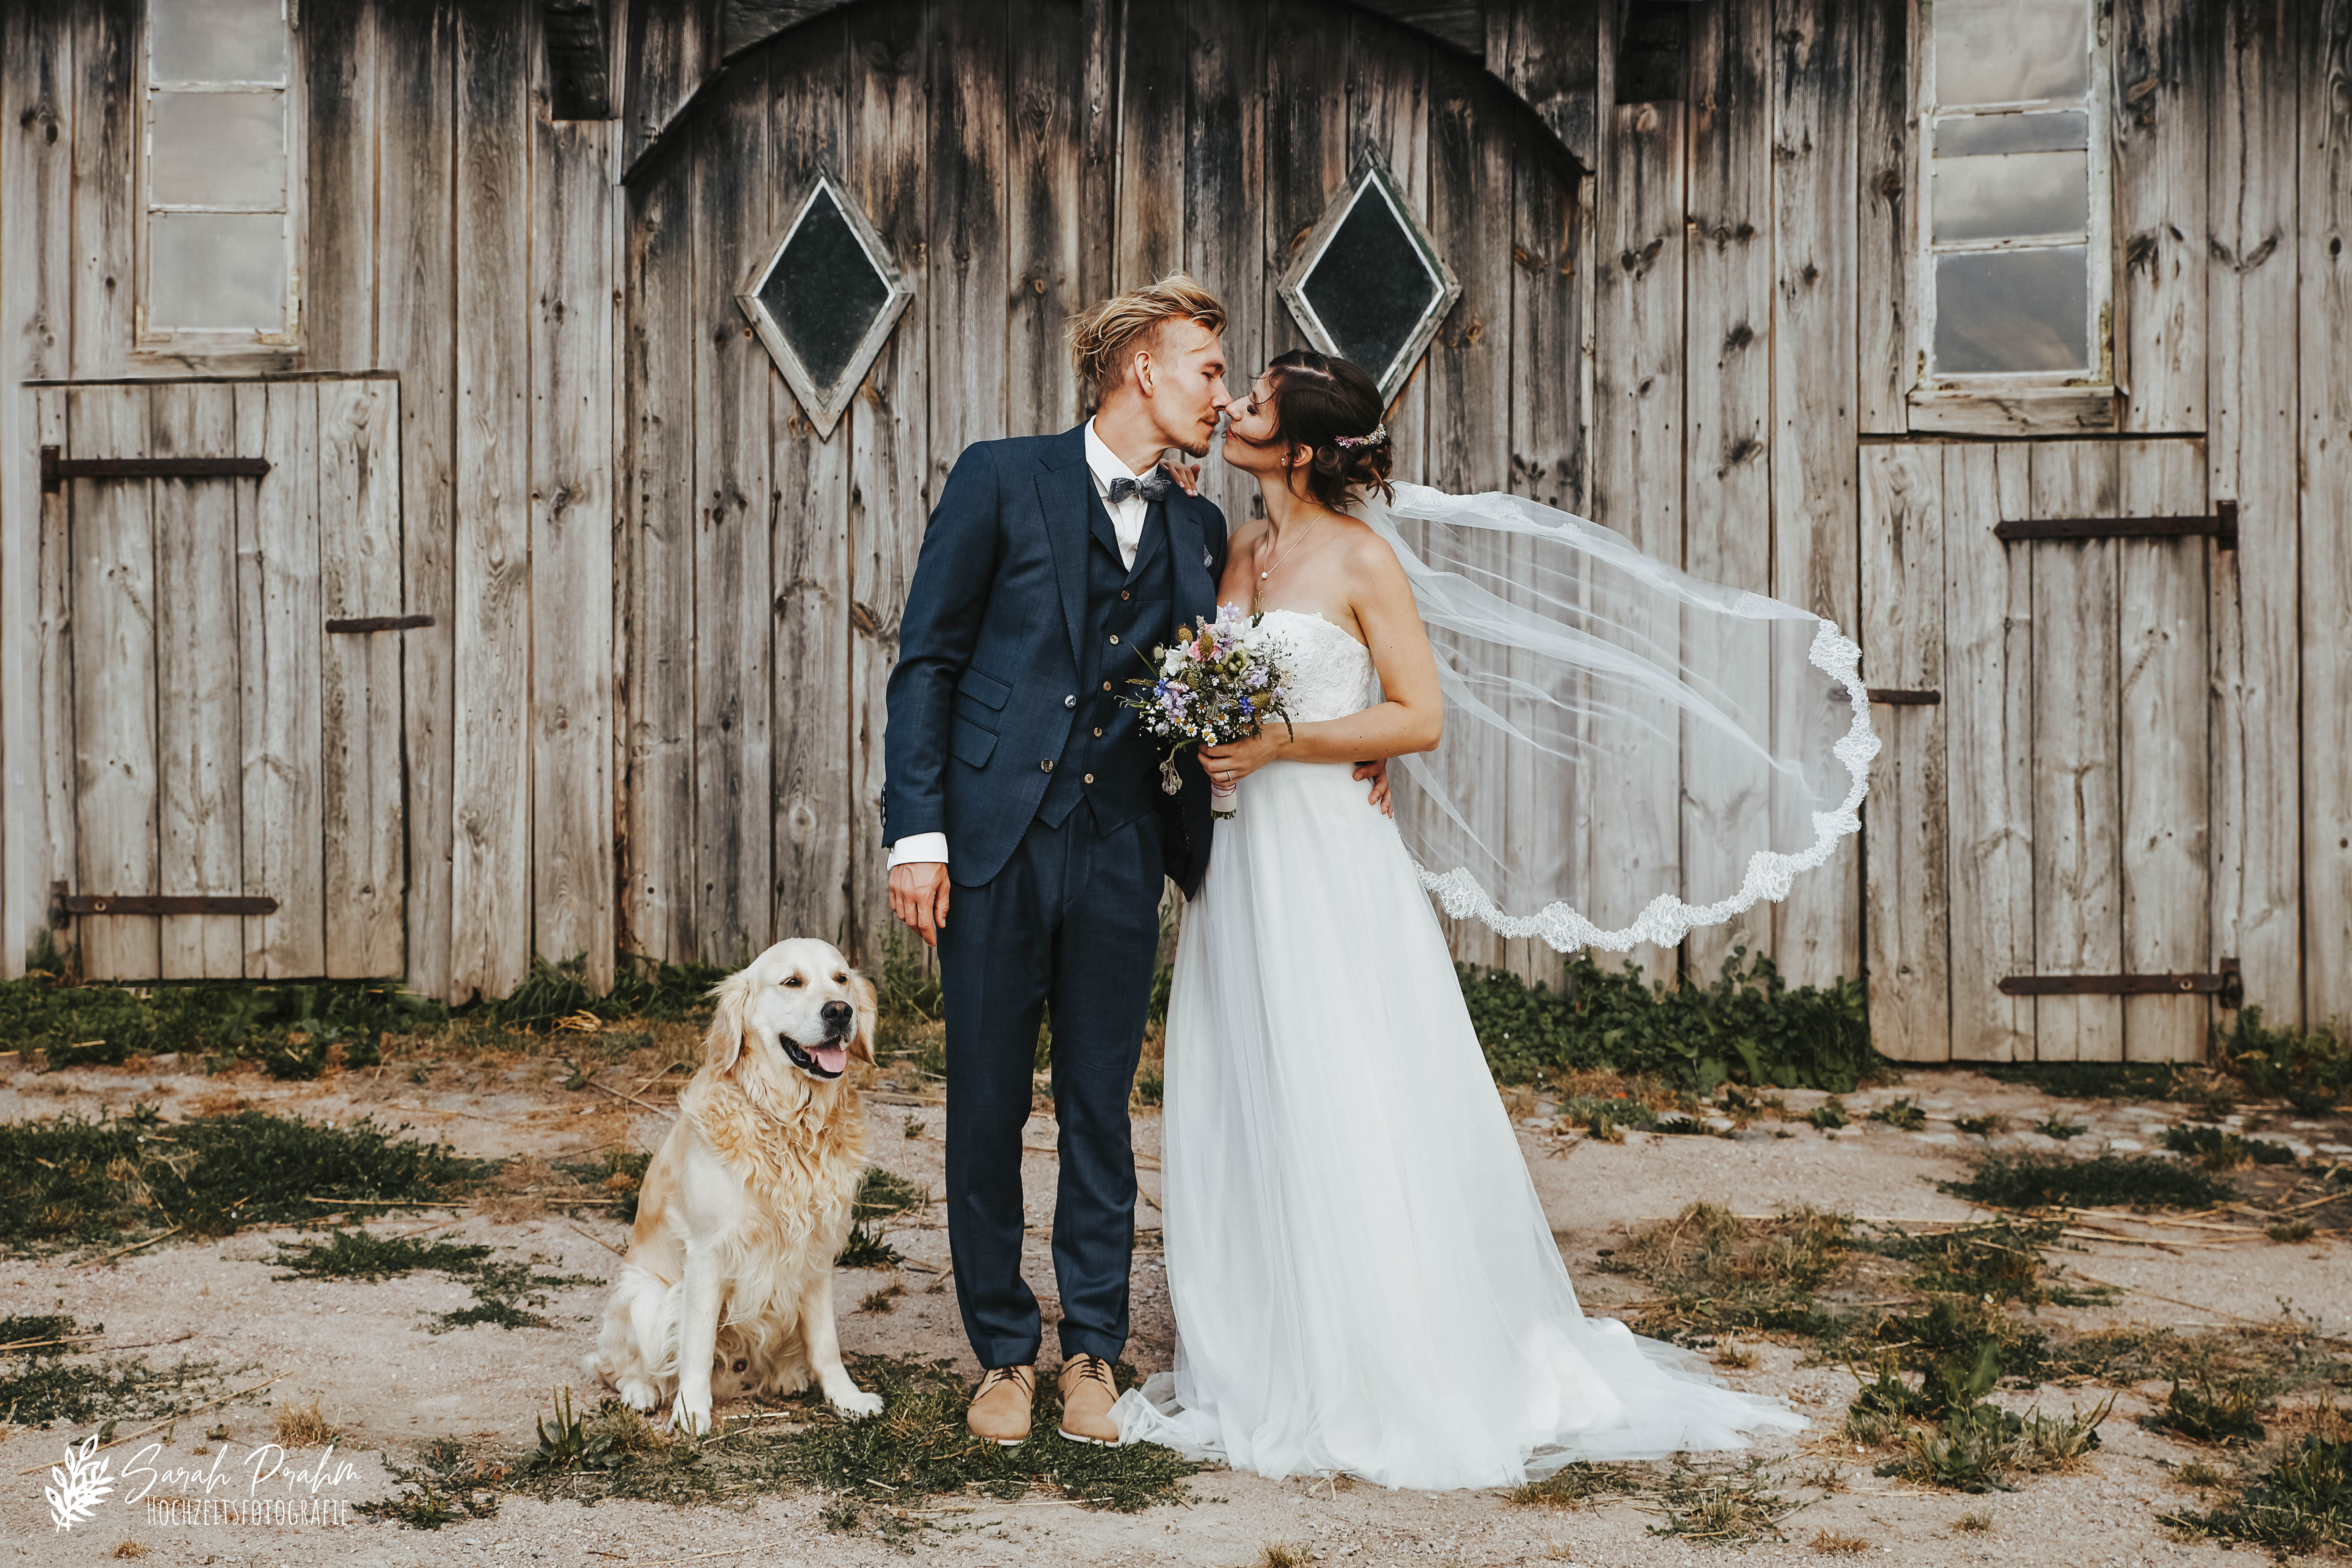 Vintage Hochzeit - Freie Trauung - Sarah Prahm Hochzeitsfotografie